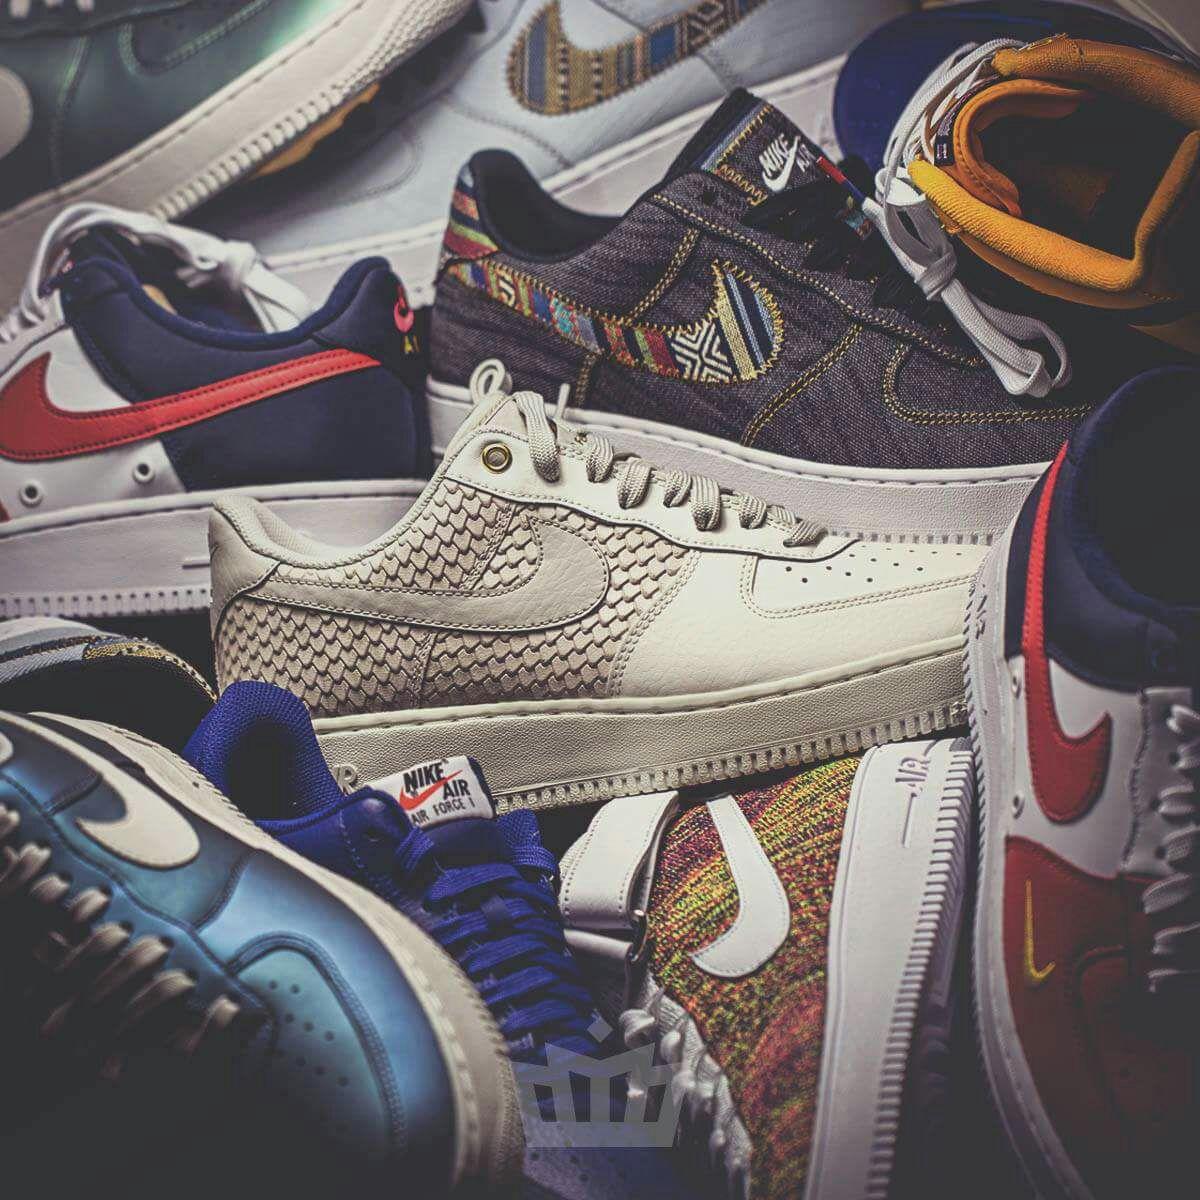 Buty Nike Air Force -50% taniej / ataf.pl